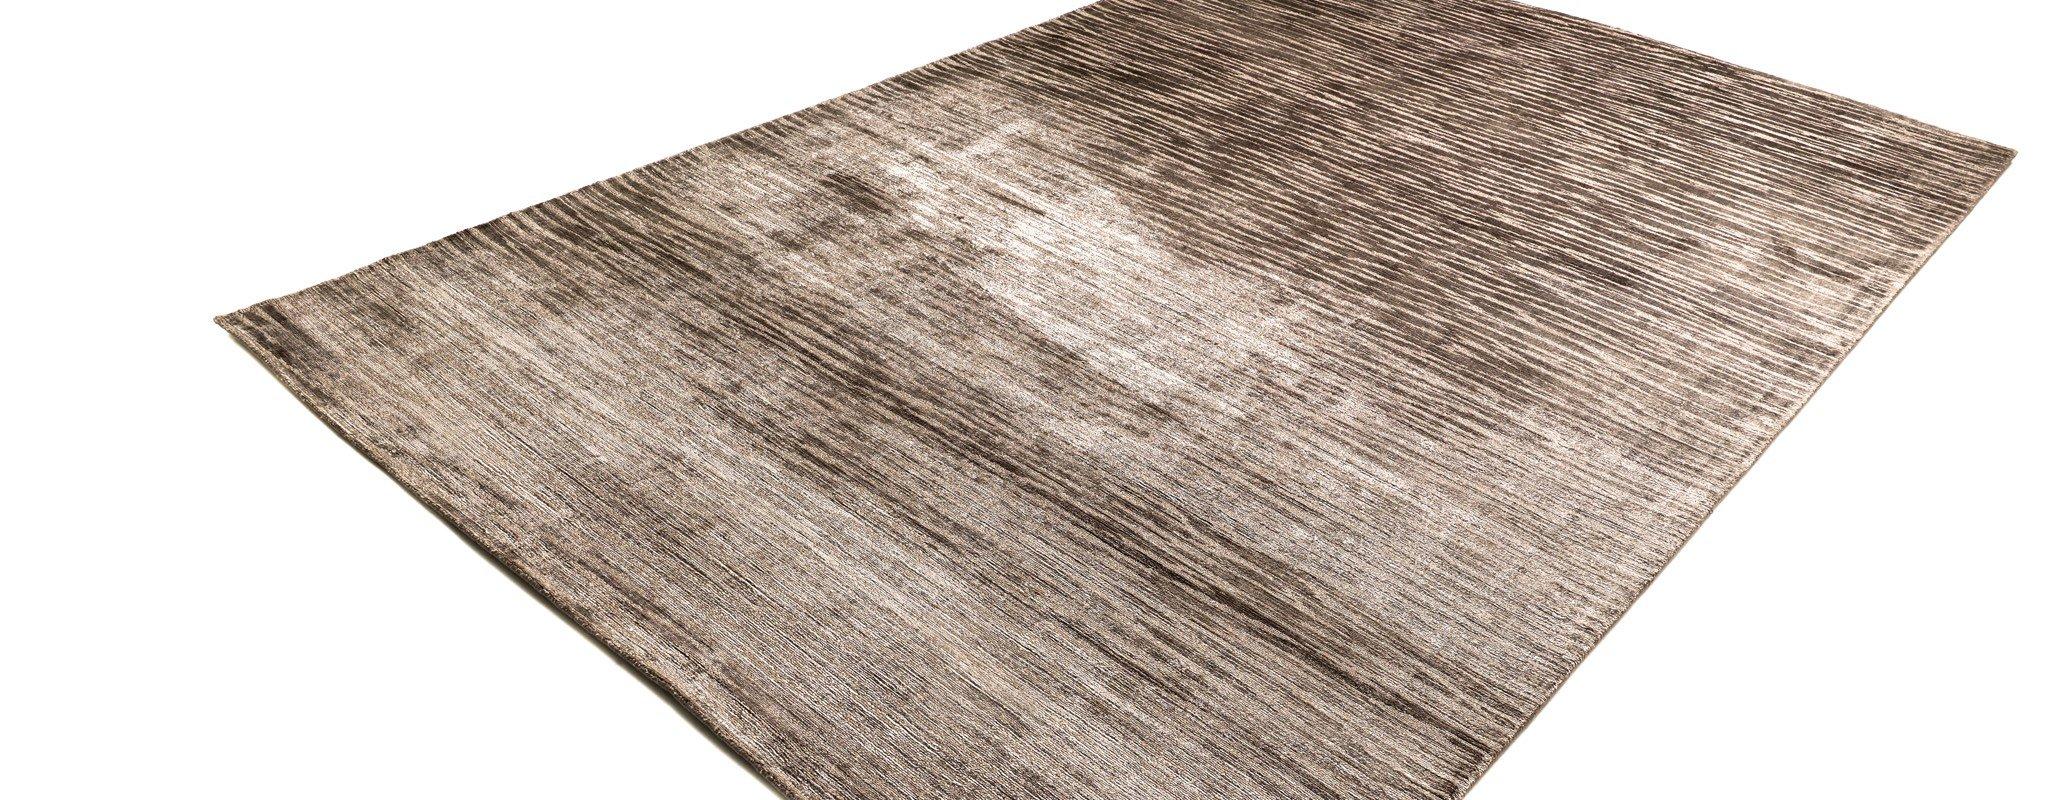 glänzender teppich mit streifenstruktur